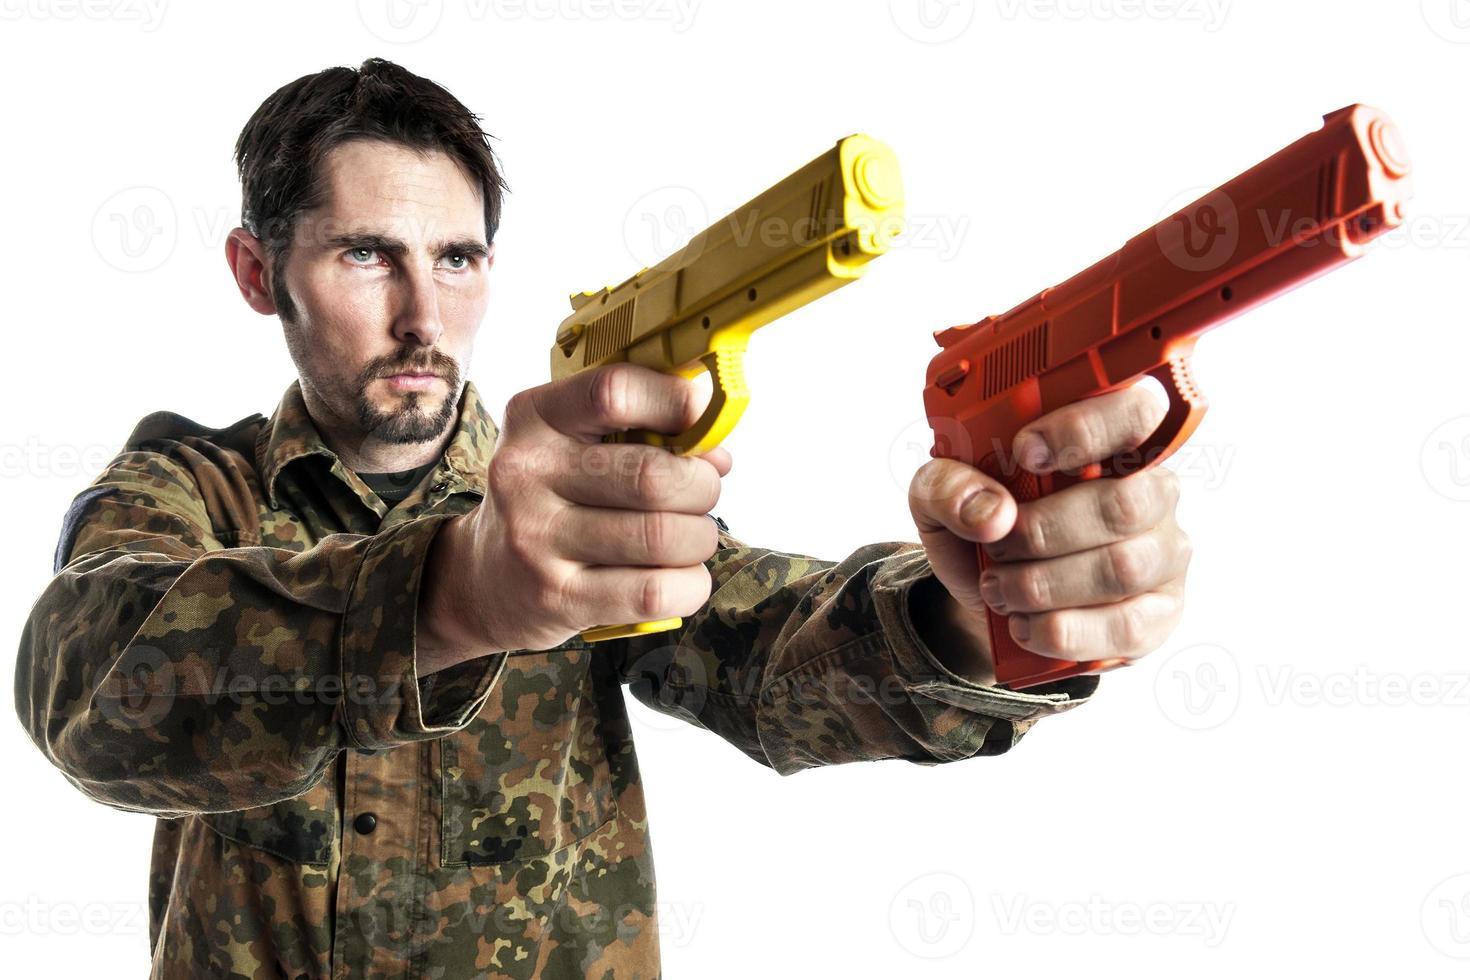 instrutor de defesa pessoal com arma de treinamento foto